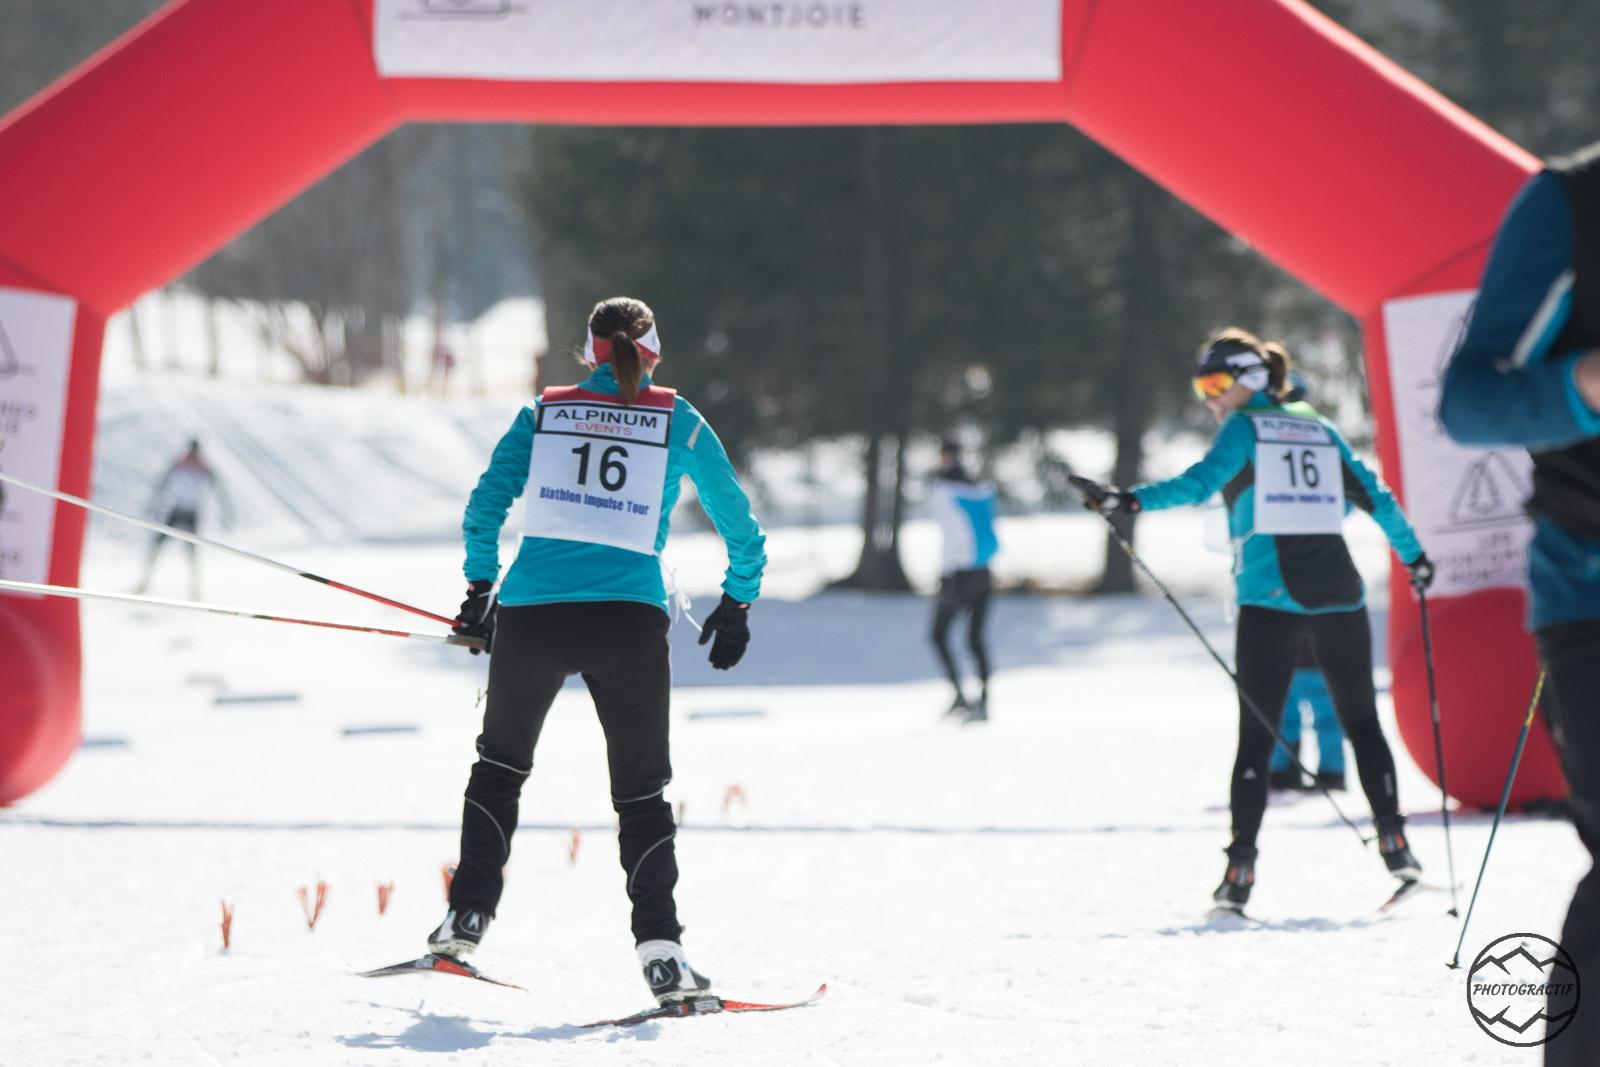 Biathlon Alpinum Les Contamines 2019 (44)